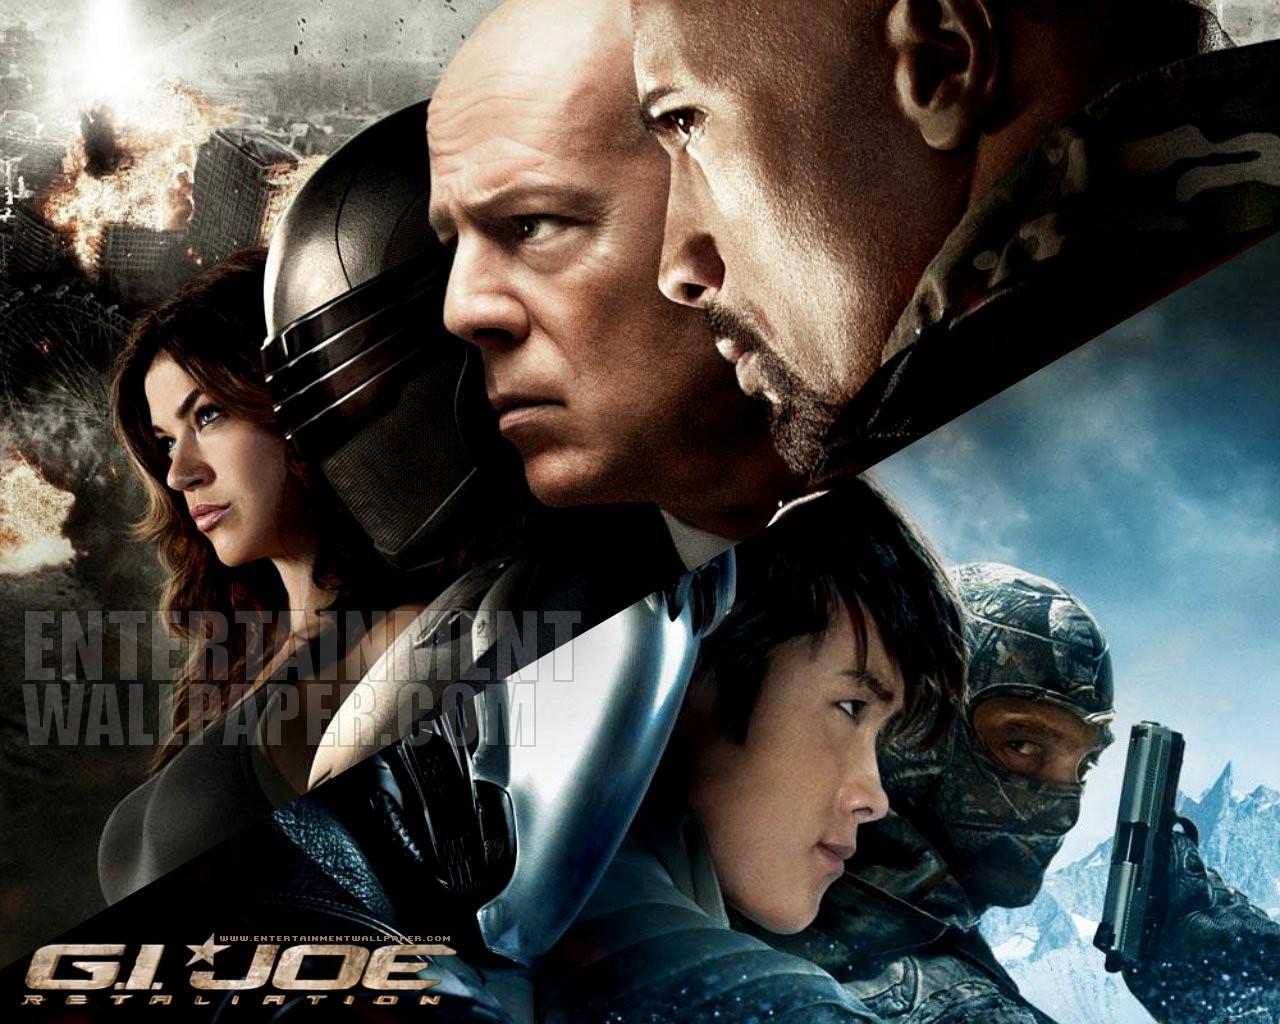 Joe Retaliation13 300240 GI Joe Retaliation Movie Wallpaper 1280x1024